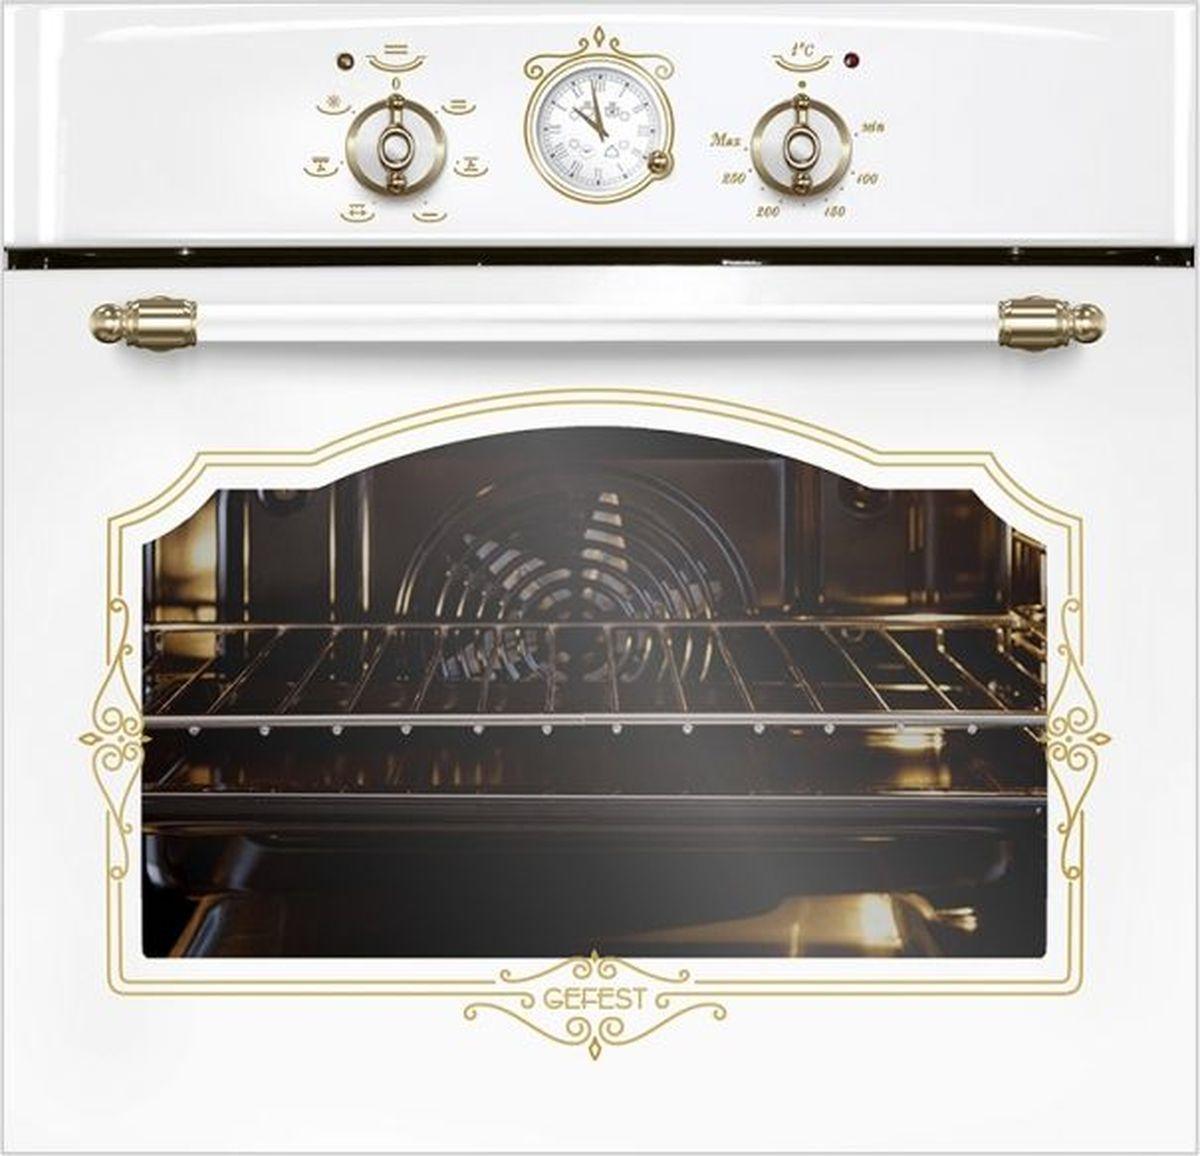 Фото - Духовой шкаф Gefest ЭДВ ДА 602-02 К82, белый электрический шкаф gefest эдв да 602 02 к55 кремовый